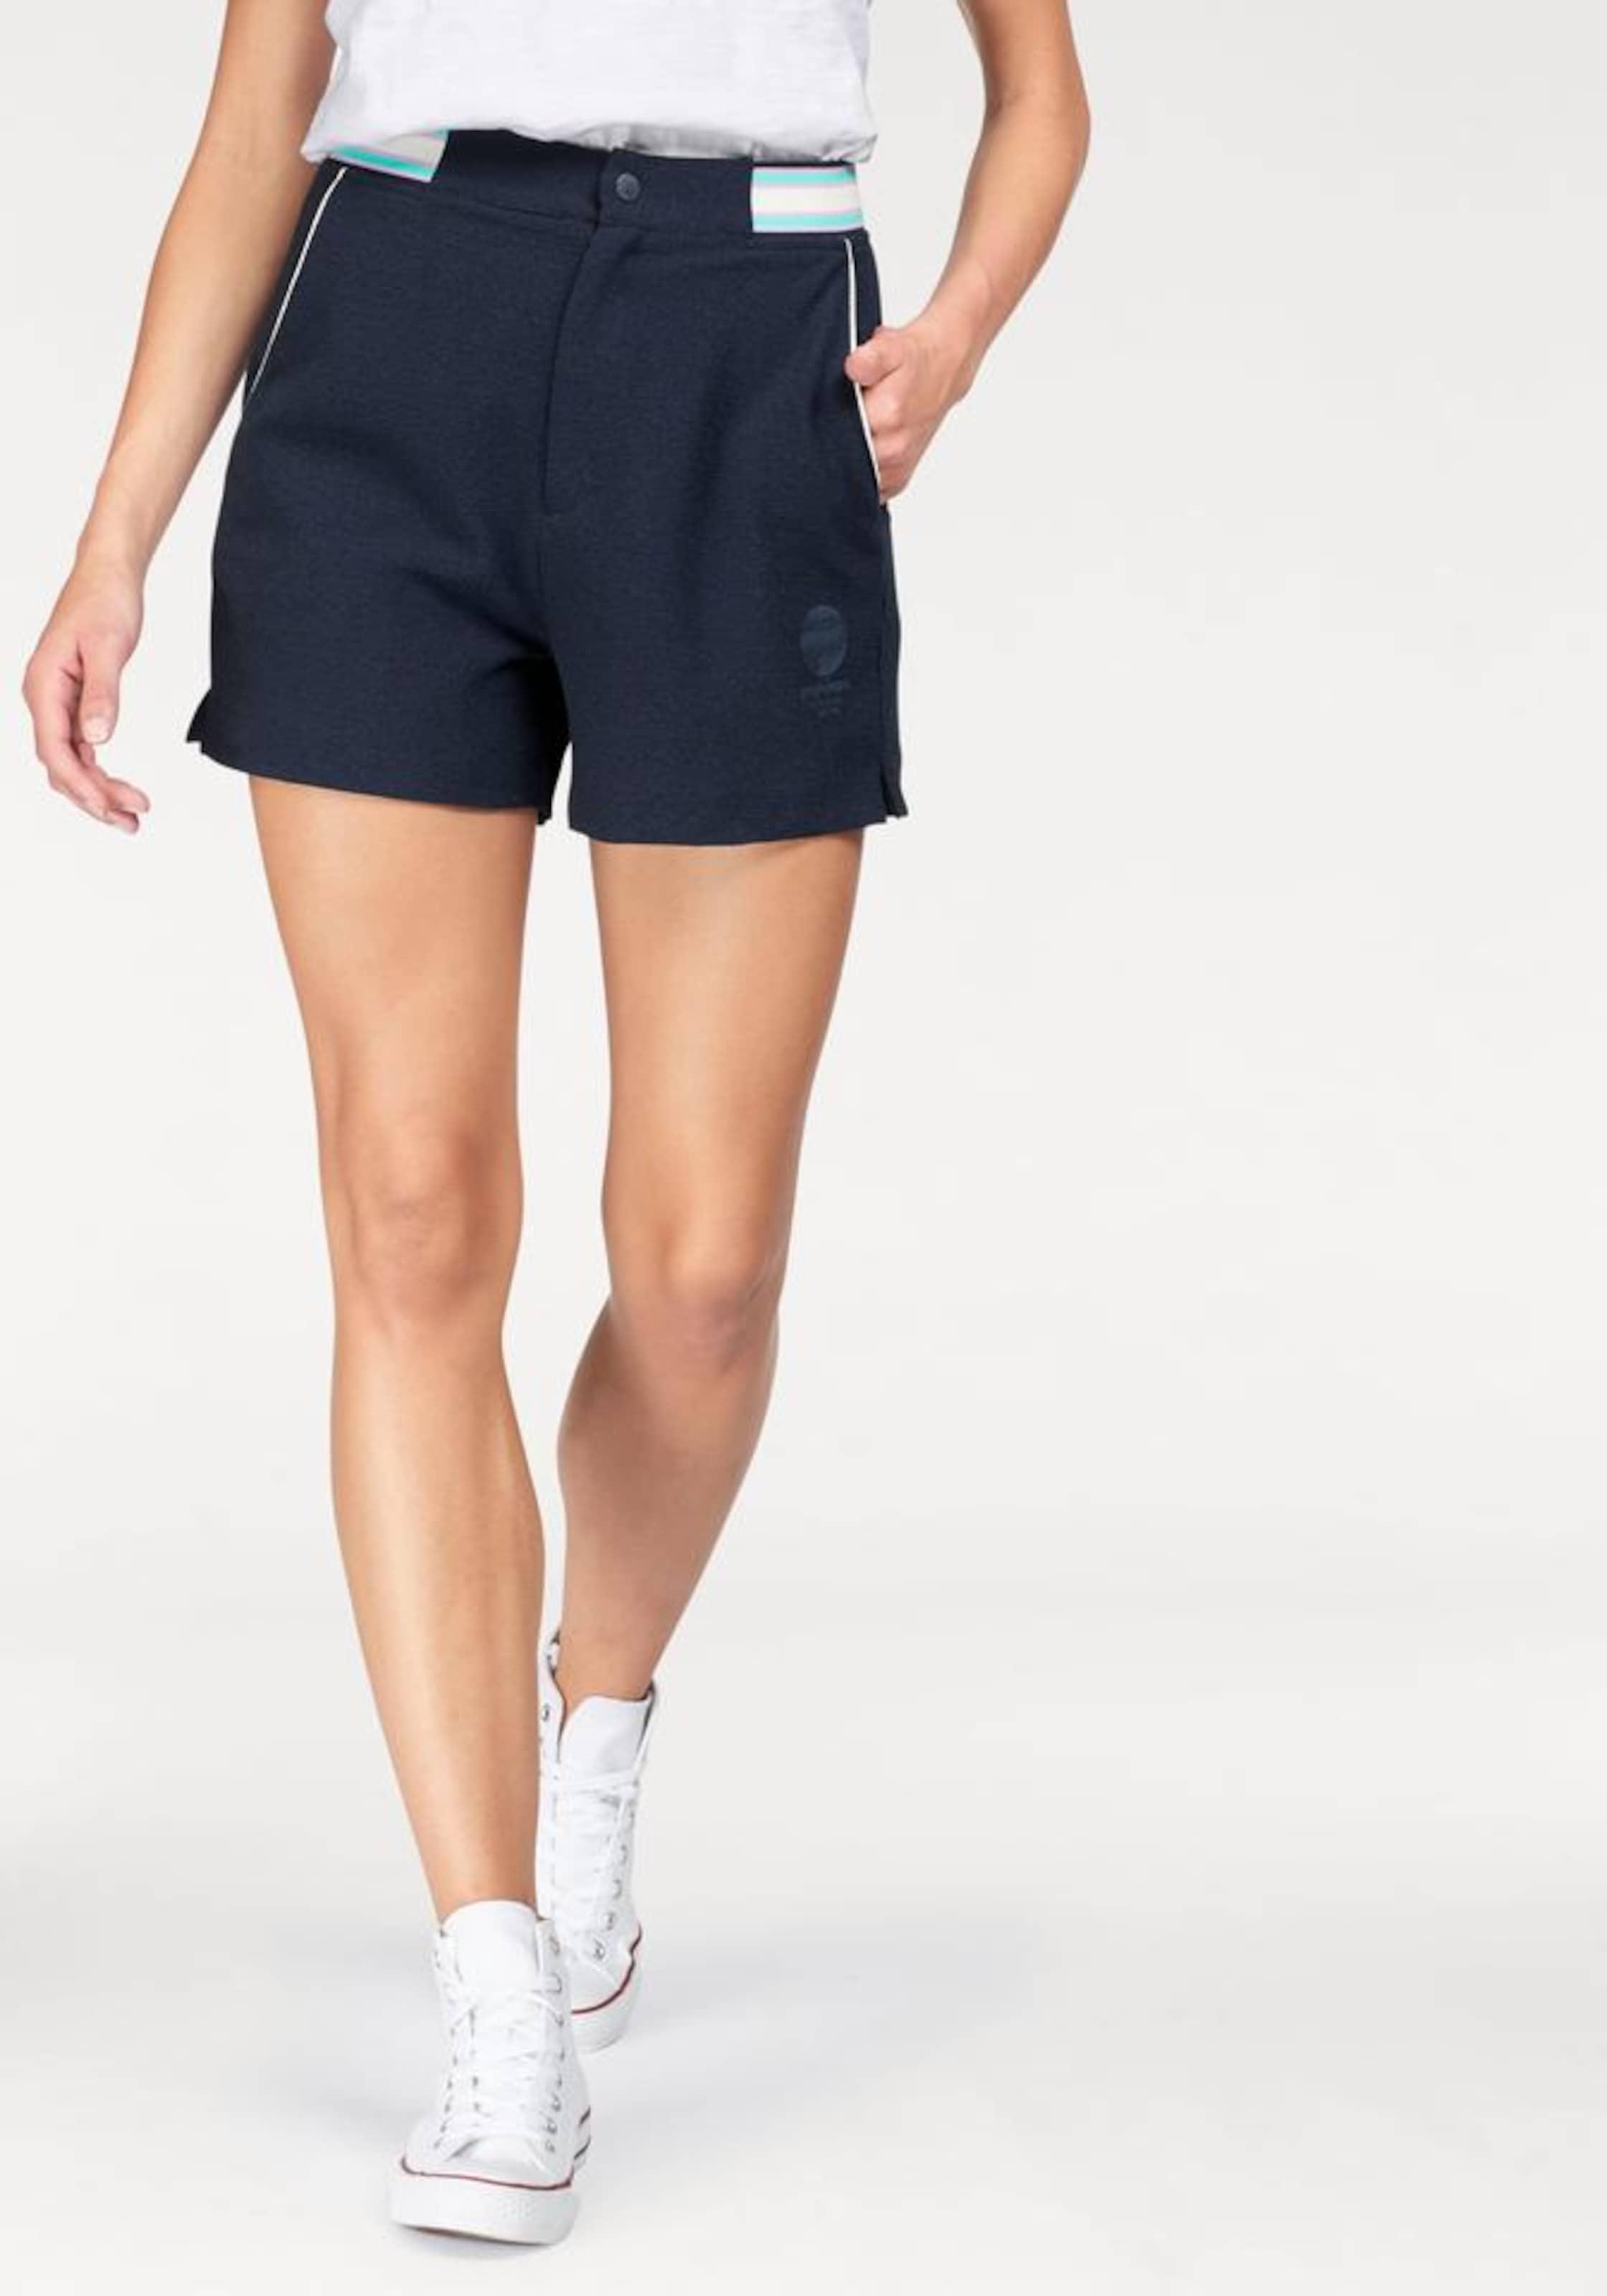 Komfortabel Zu Verkaufen Spielraum Neueste Pepe Jeans Sporthose 'KELIS' Freies Verschiffen Online Billig Verkauf Geniue Händler fKvF3